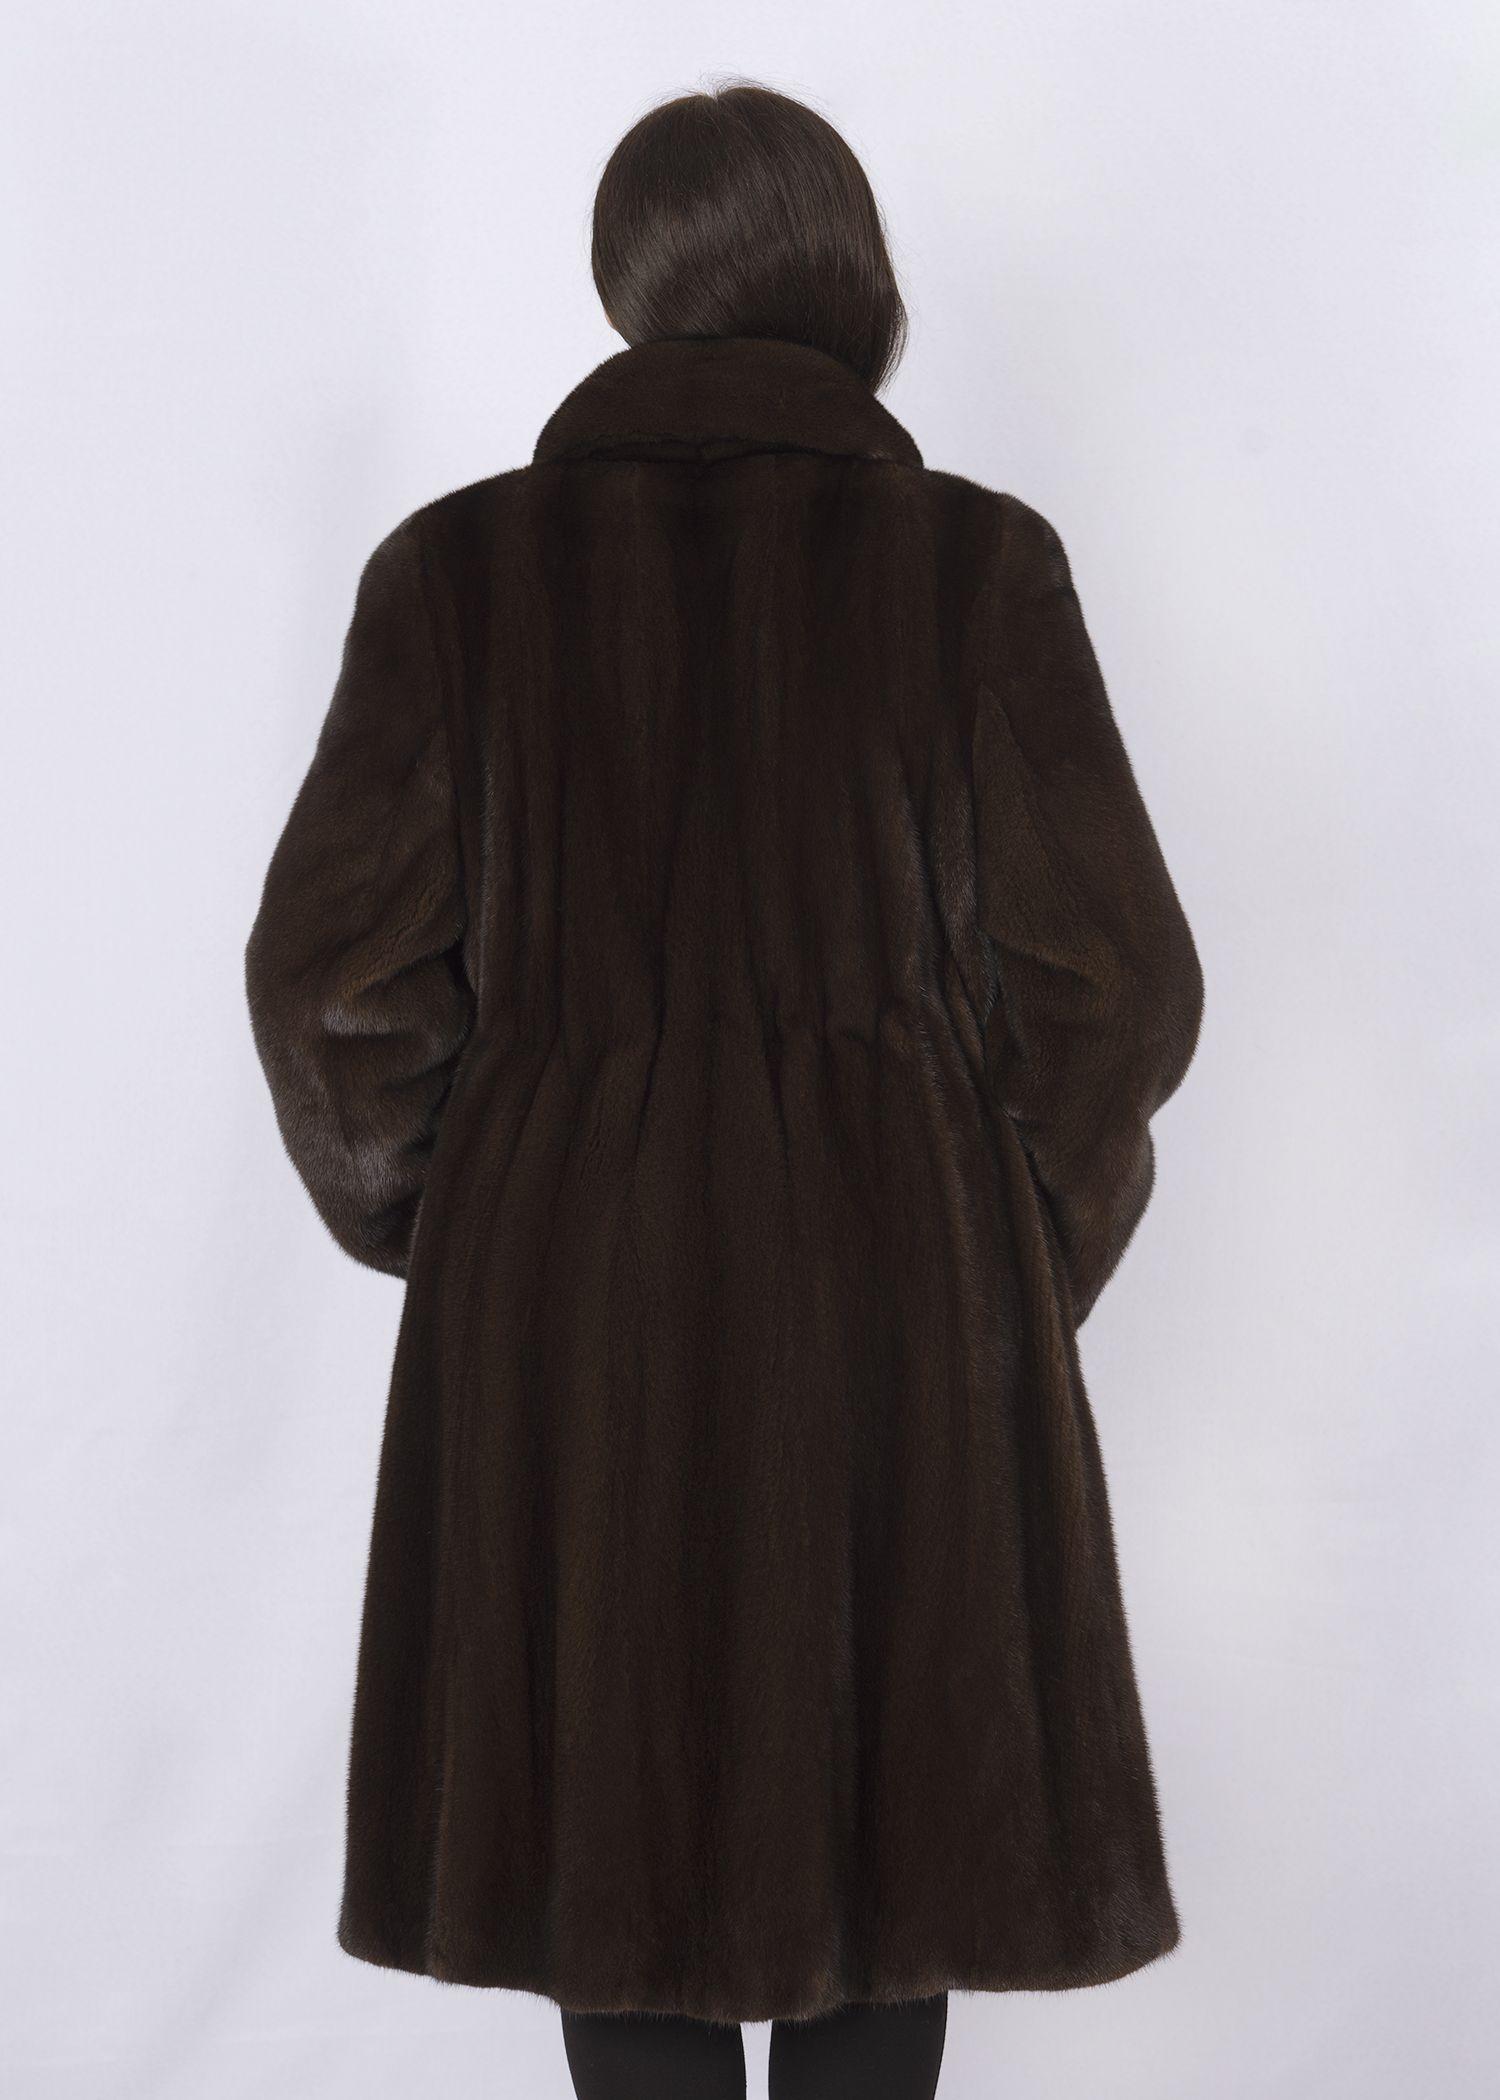 Шуба женская норковая 3400 фото №1